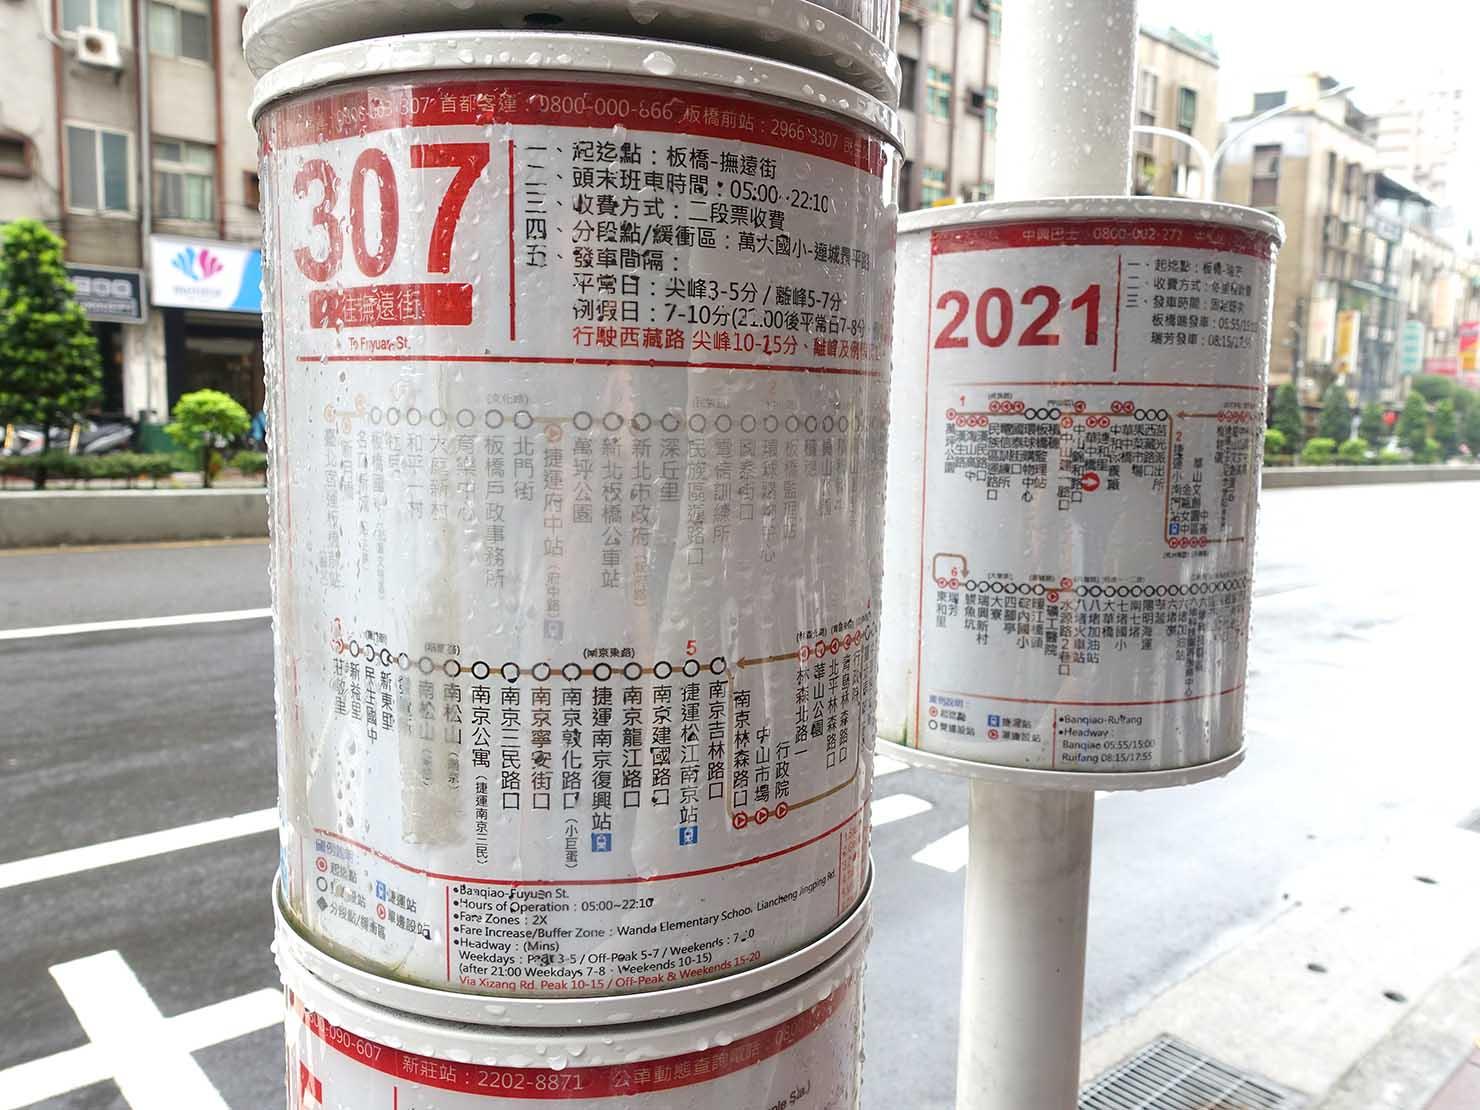 台北の路線バス「307」